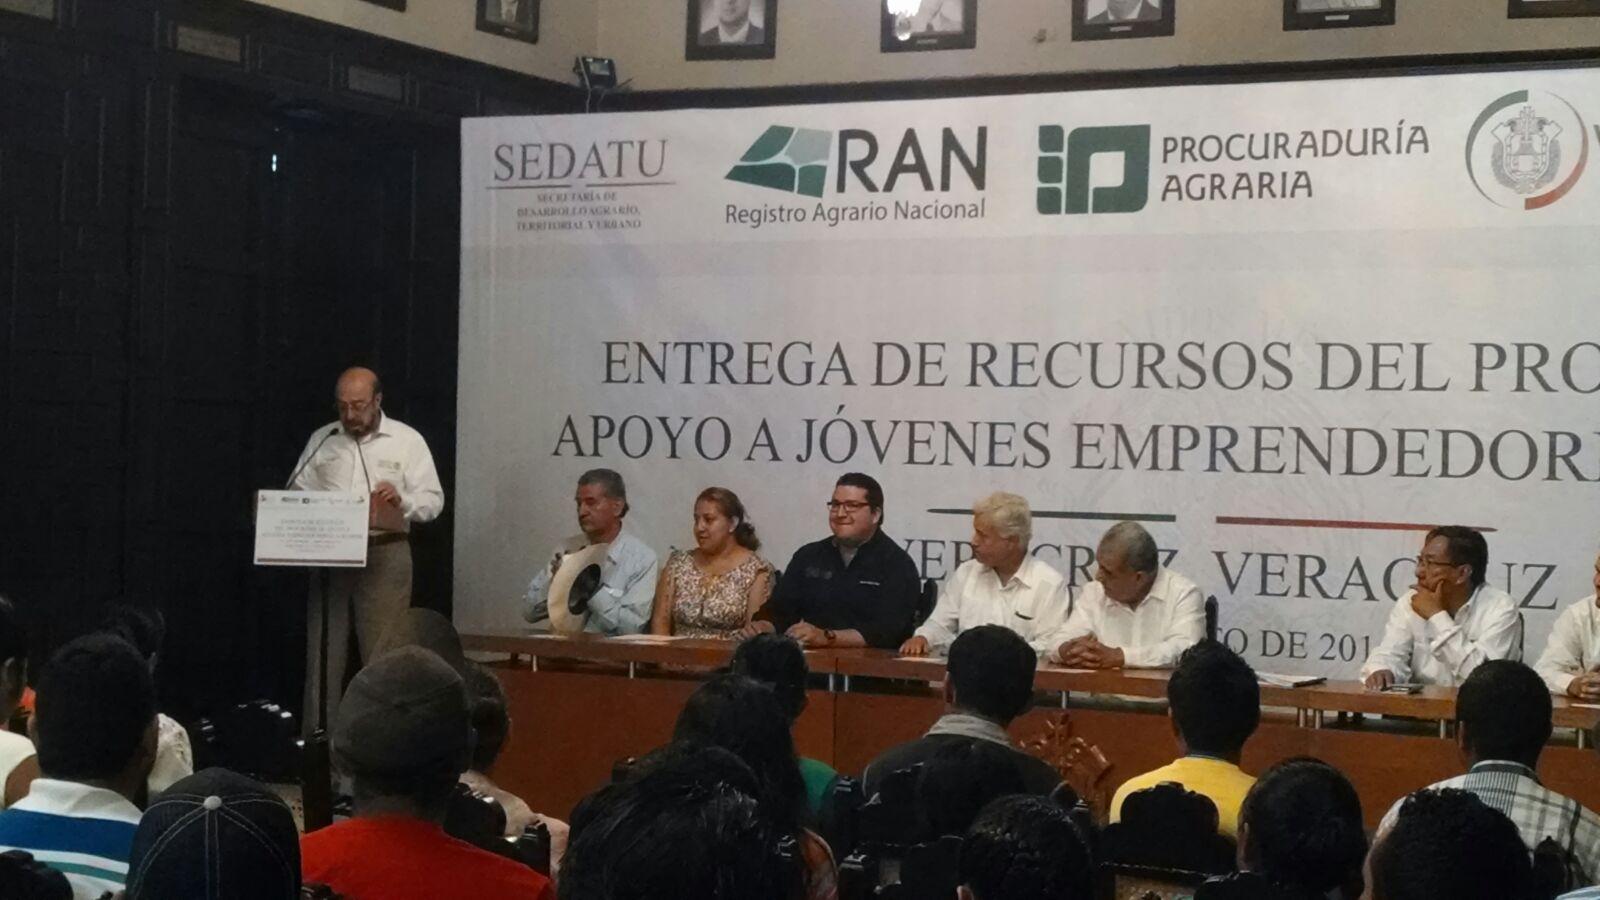 El  coordinador general de delegaciones y el delegado estatal de SEDATU asisten al acto de entrega de recursos a los jóvenes emprendedores.